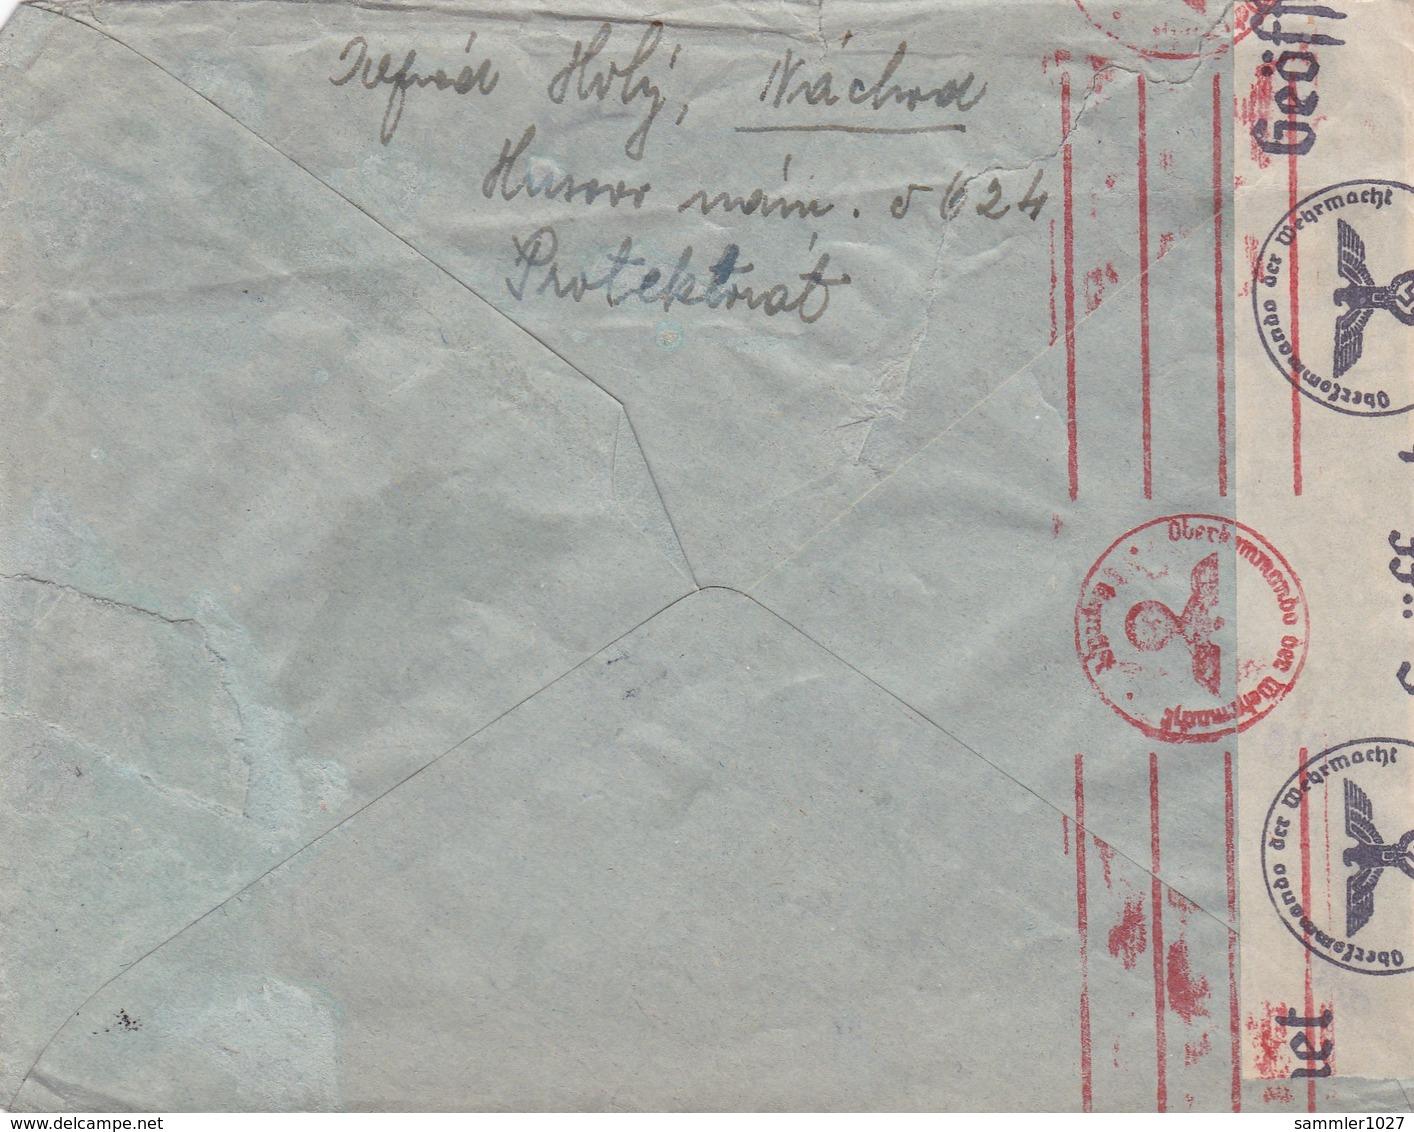 Böhmen Und Mähren - Brief Aus Nachod 1941, Etwas Lediert - Covers & Documents